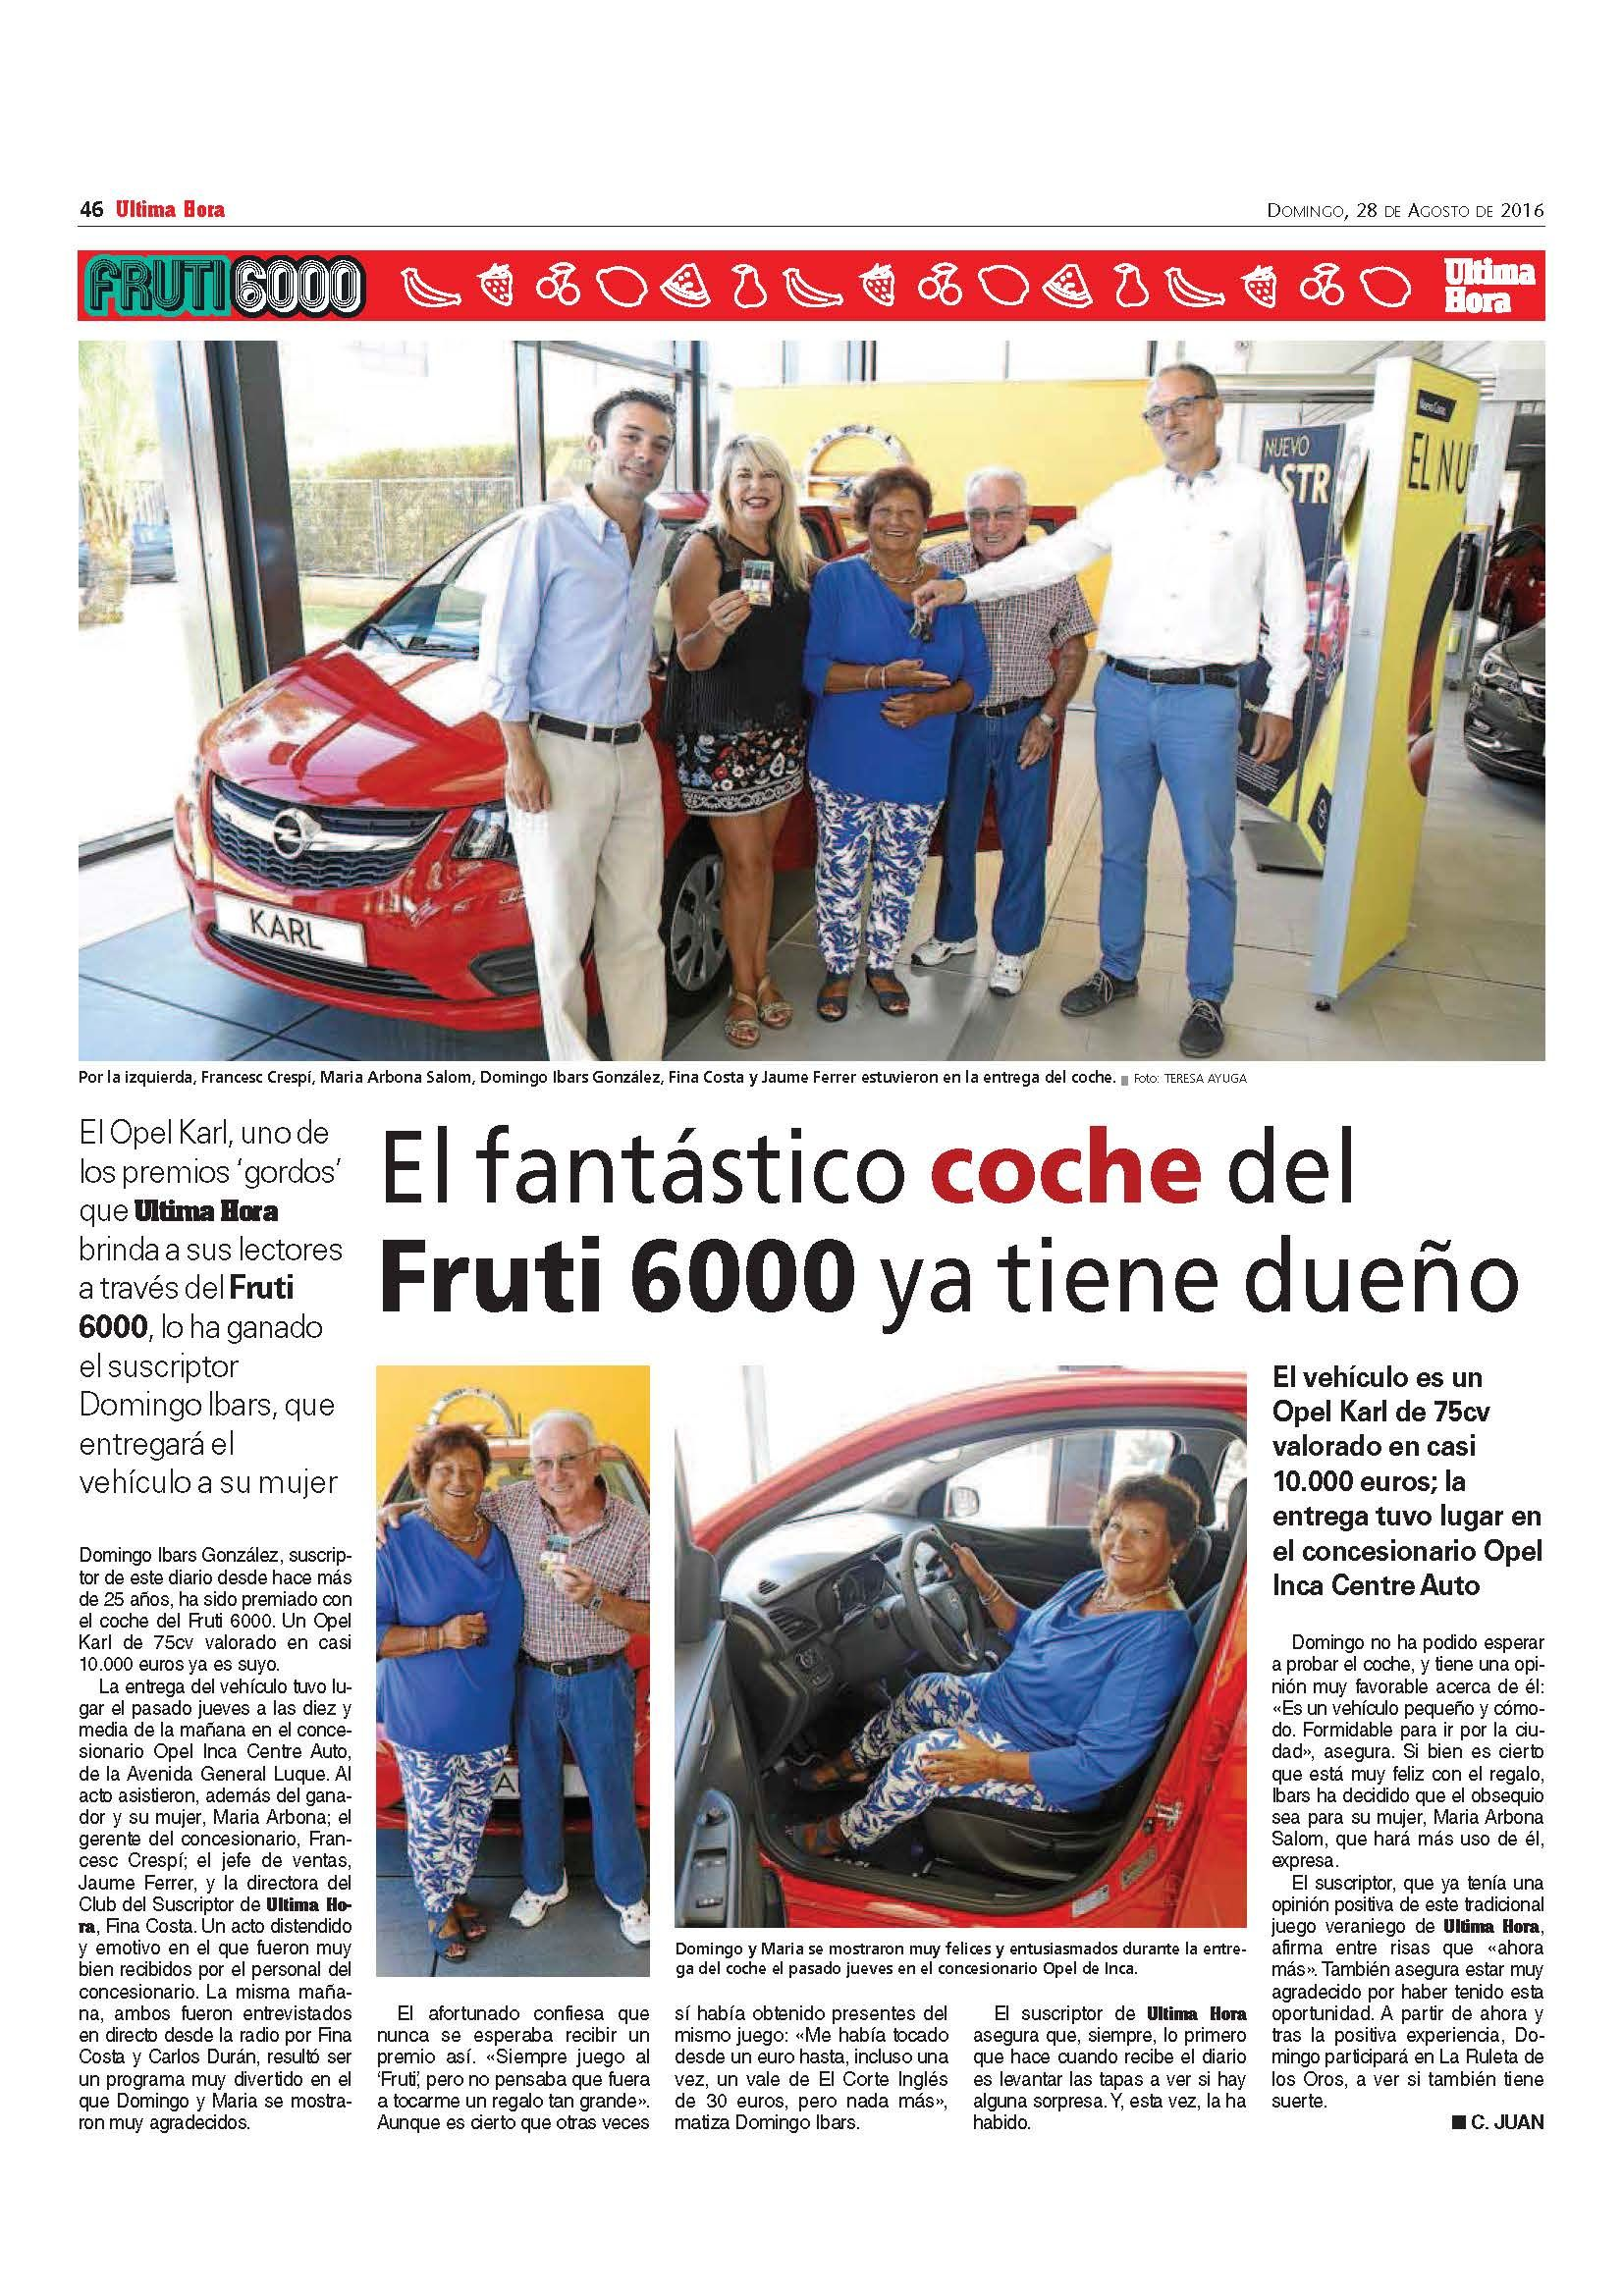 OPEL Inca Centro Auto hace entrega del Opel Karl en el Fruti 6000 de Ultima Hora